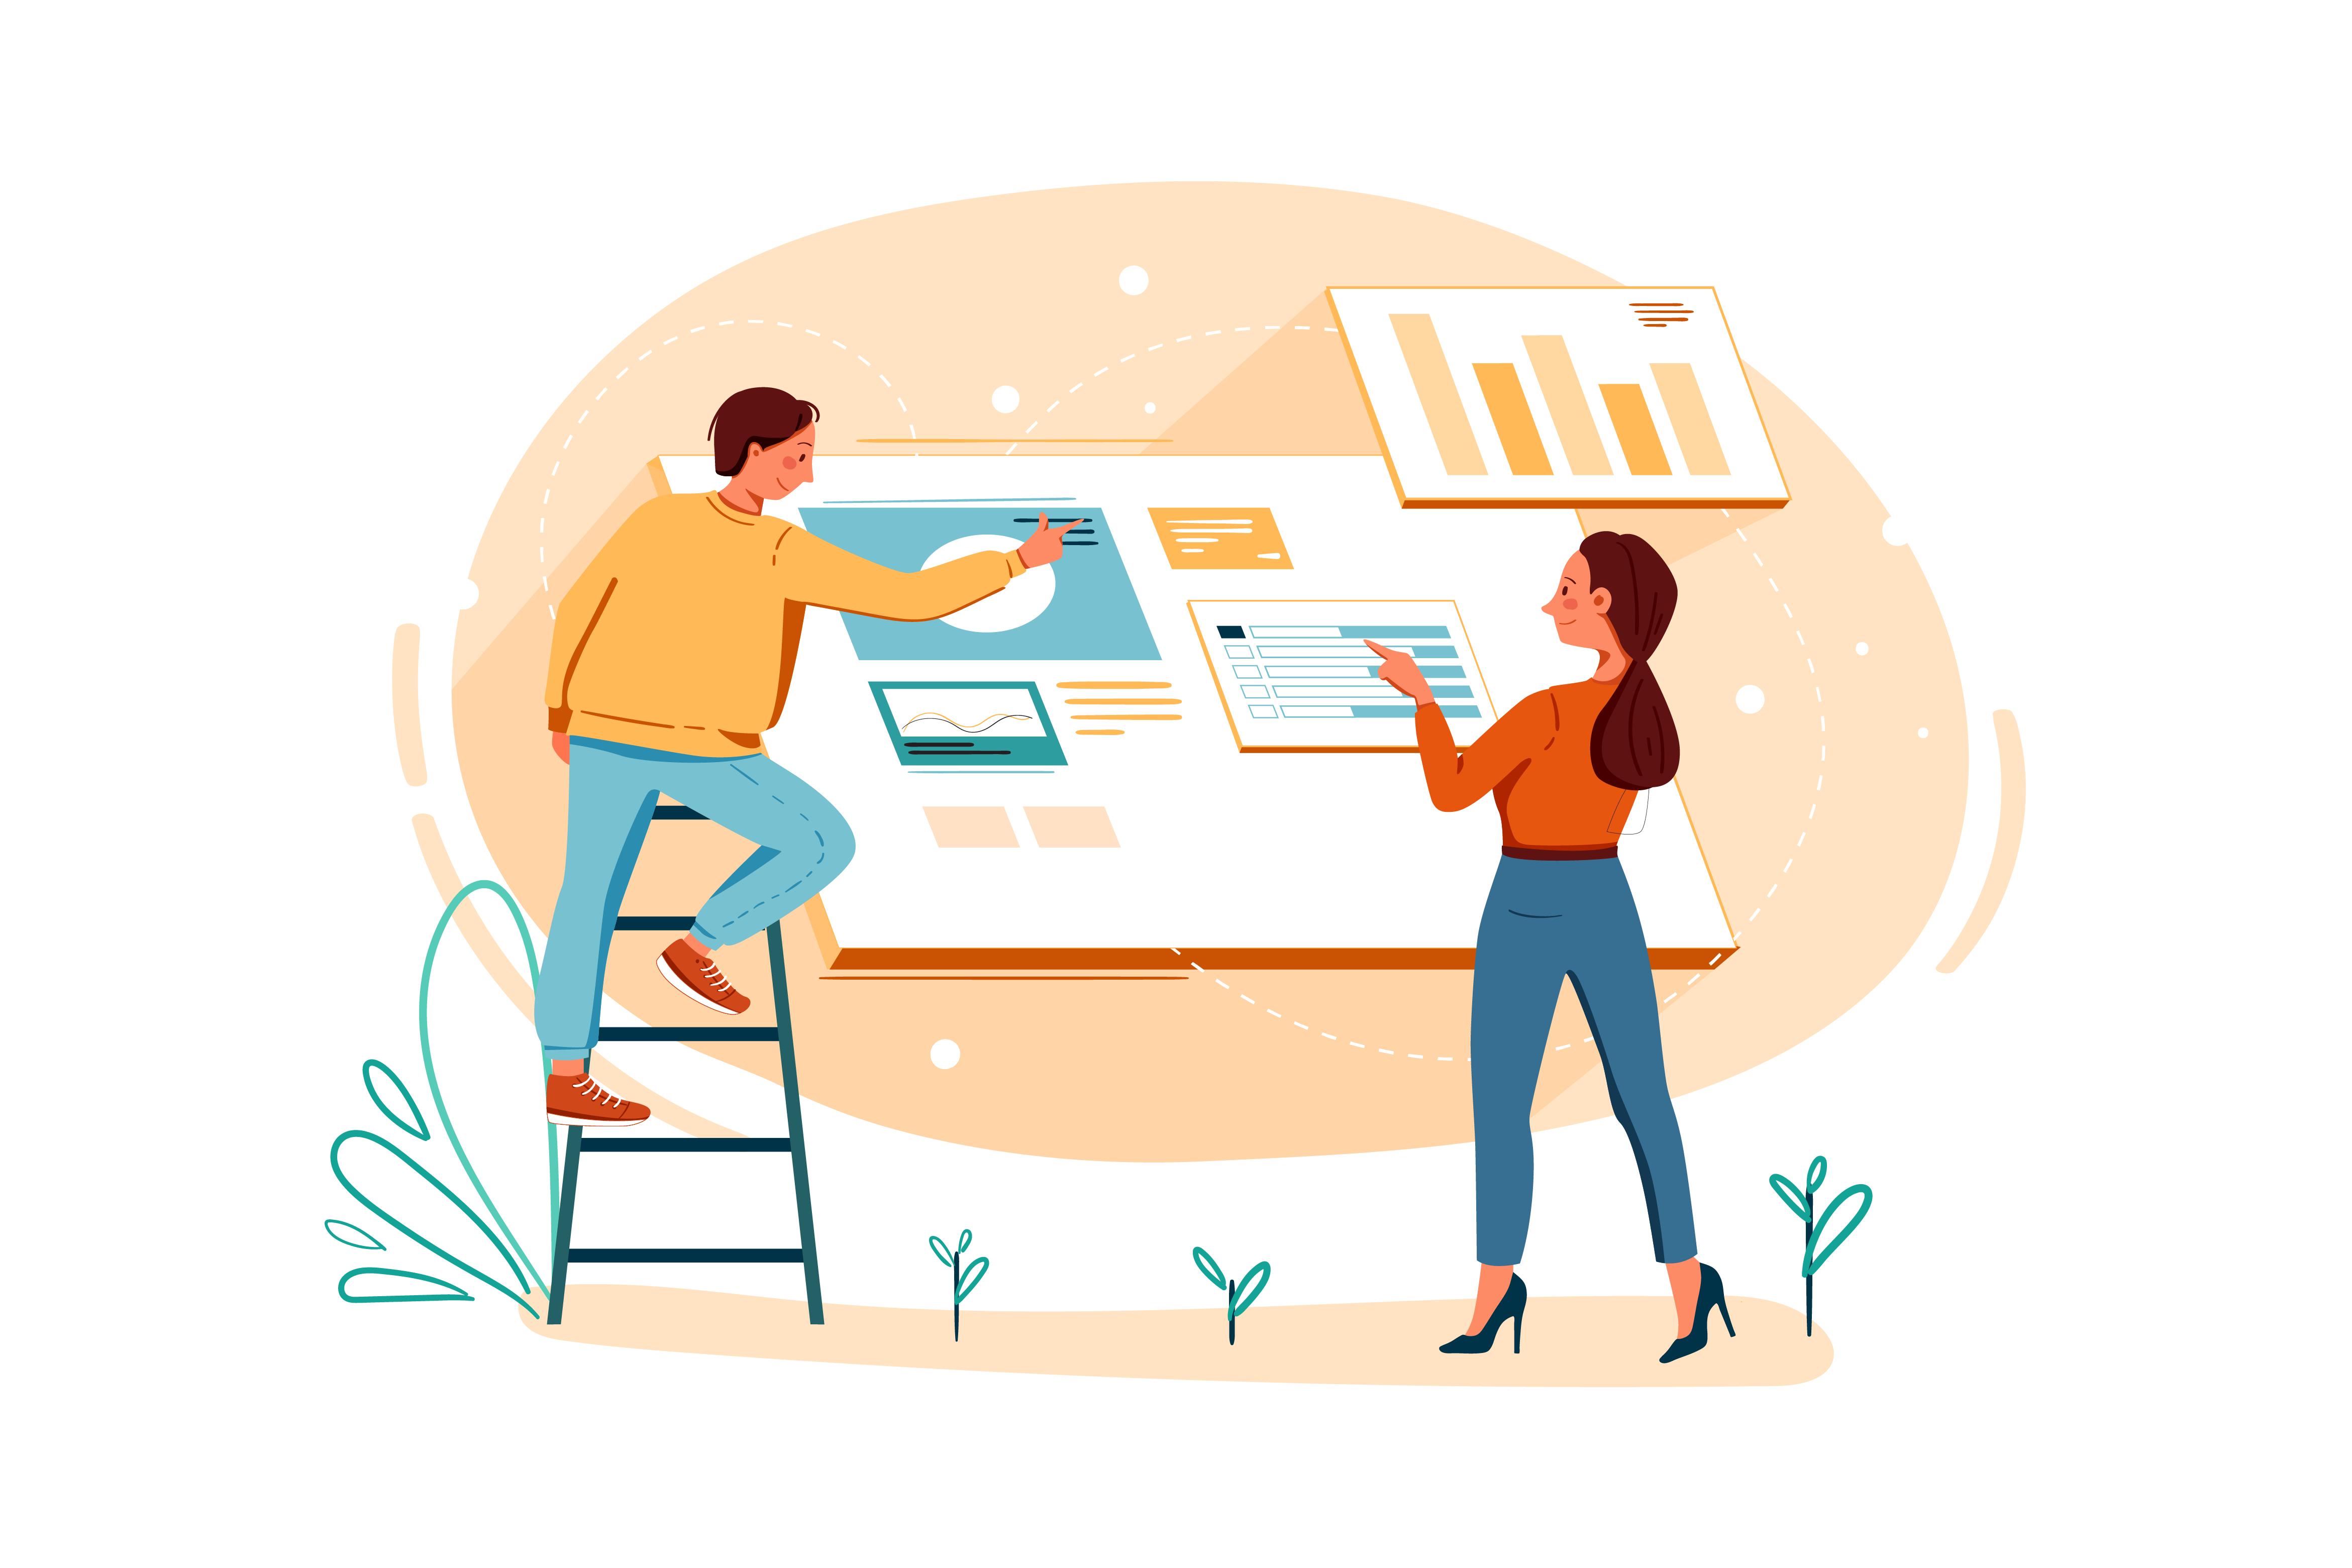 utvikle nettside design